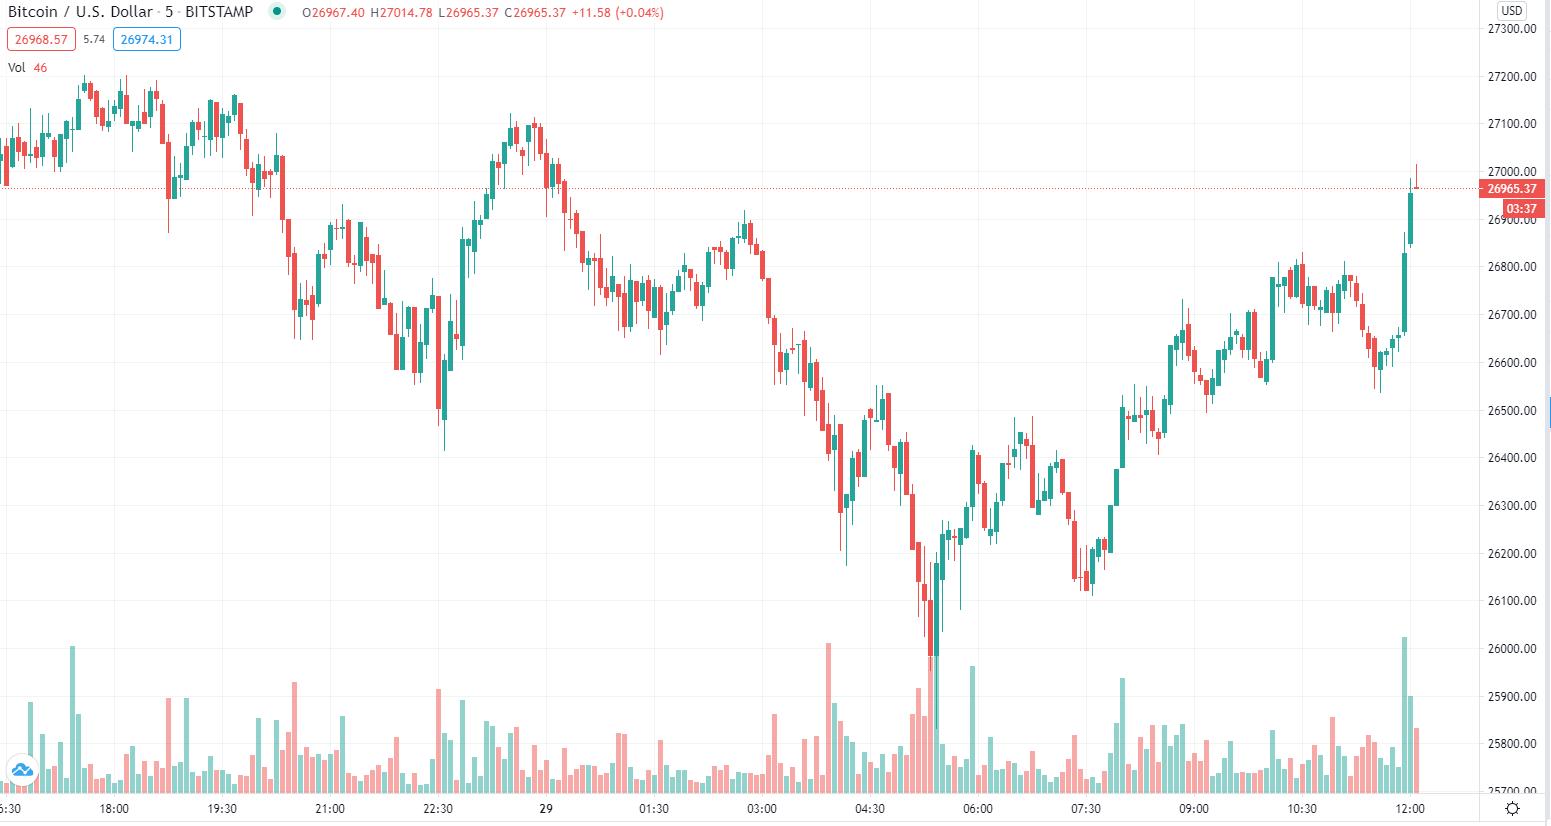 Grafico a candele ad un'ora di BTC/USD